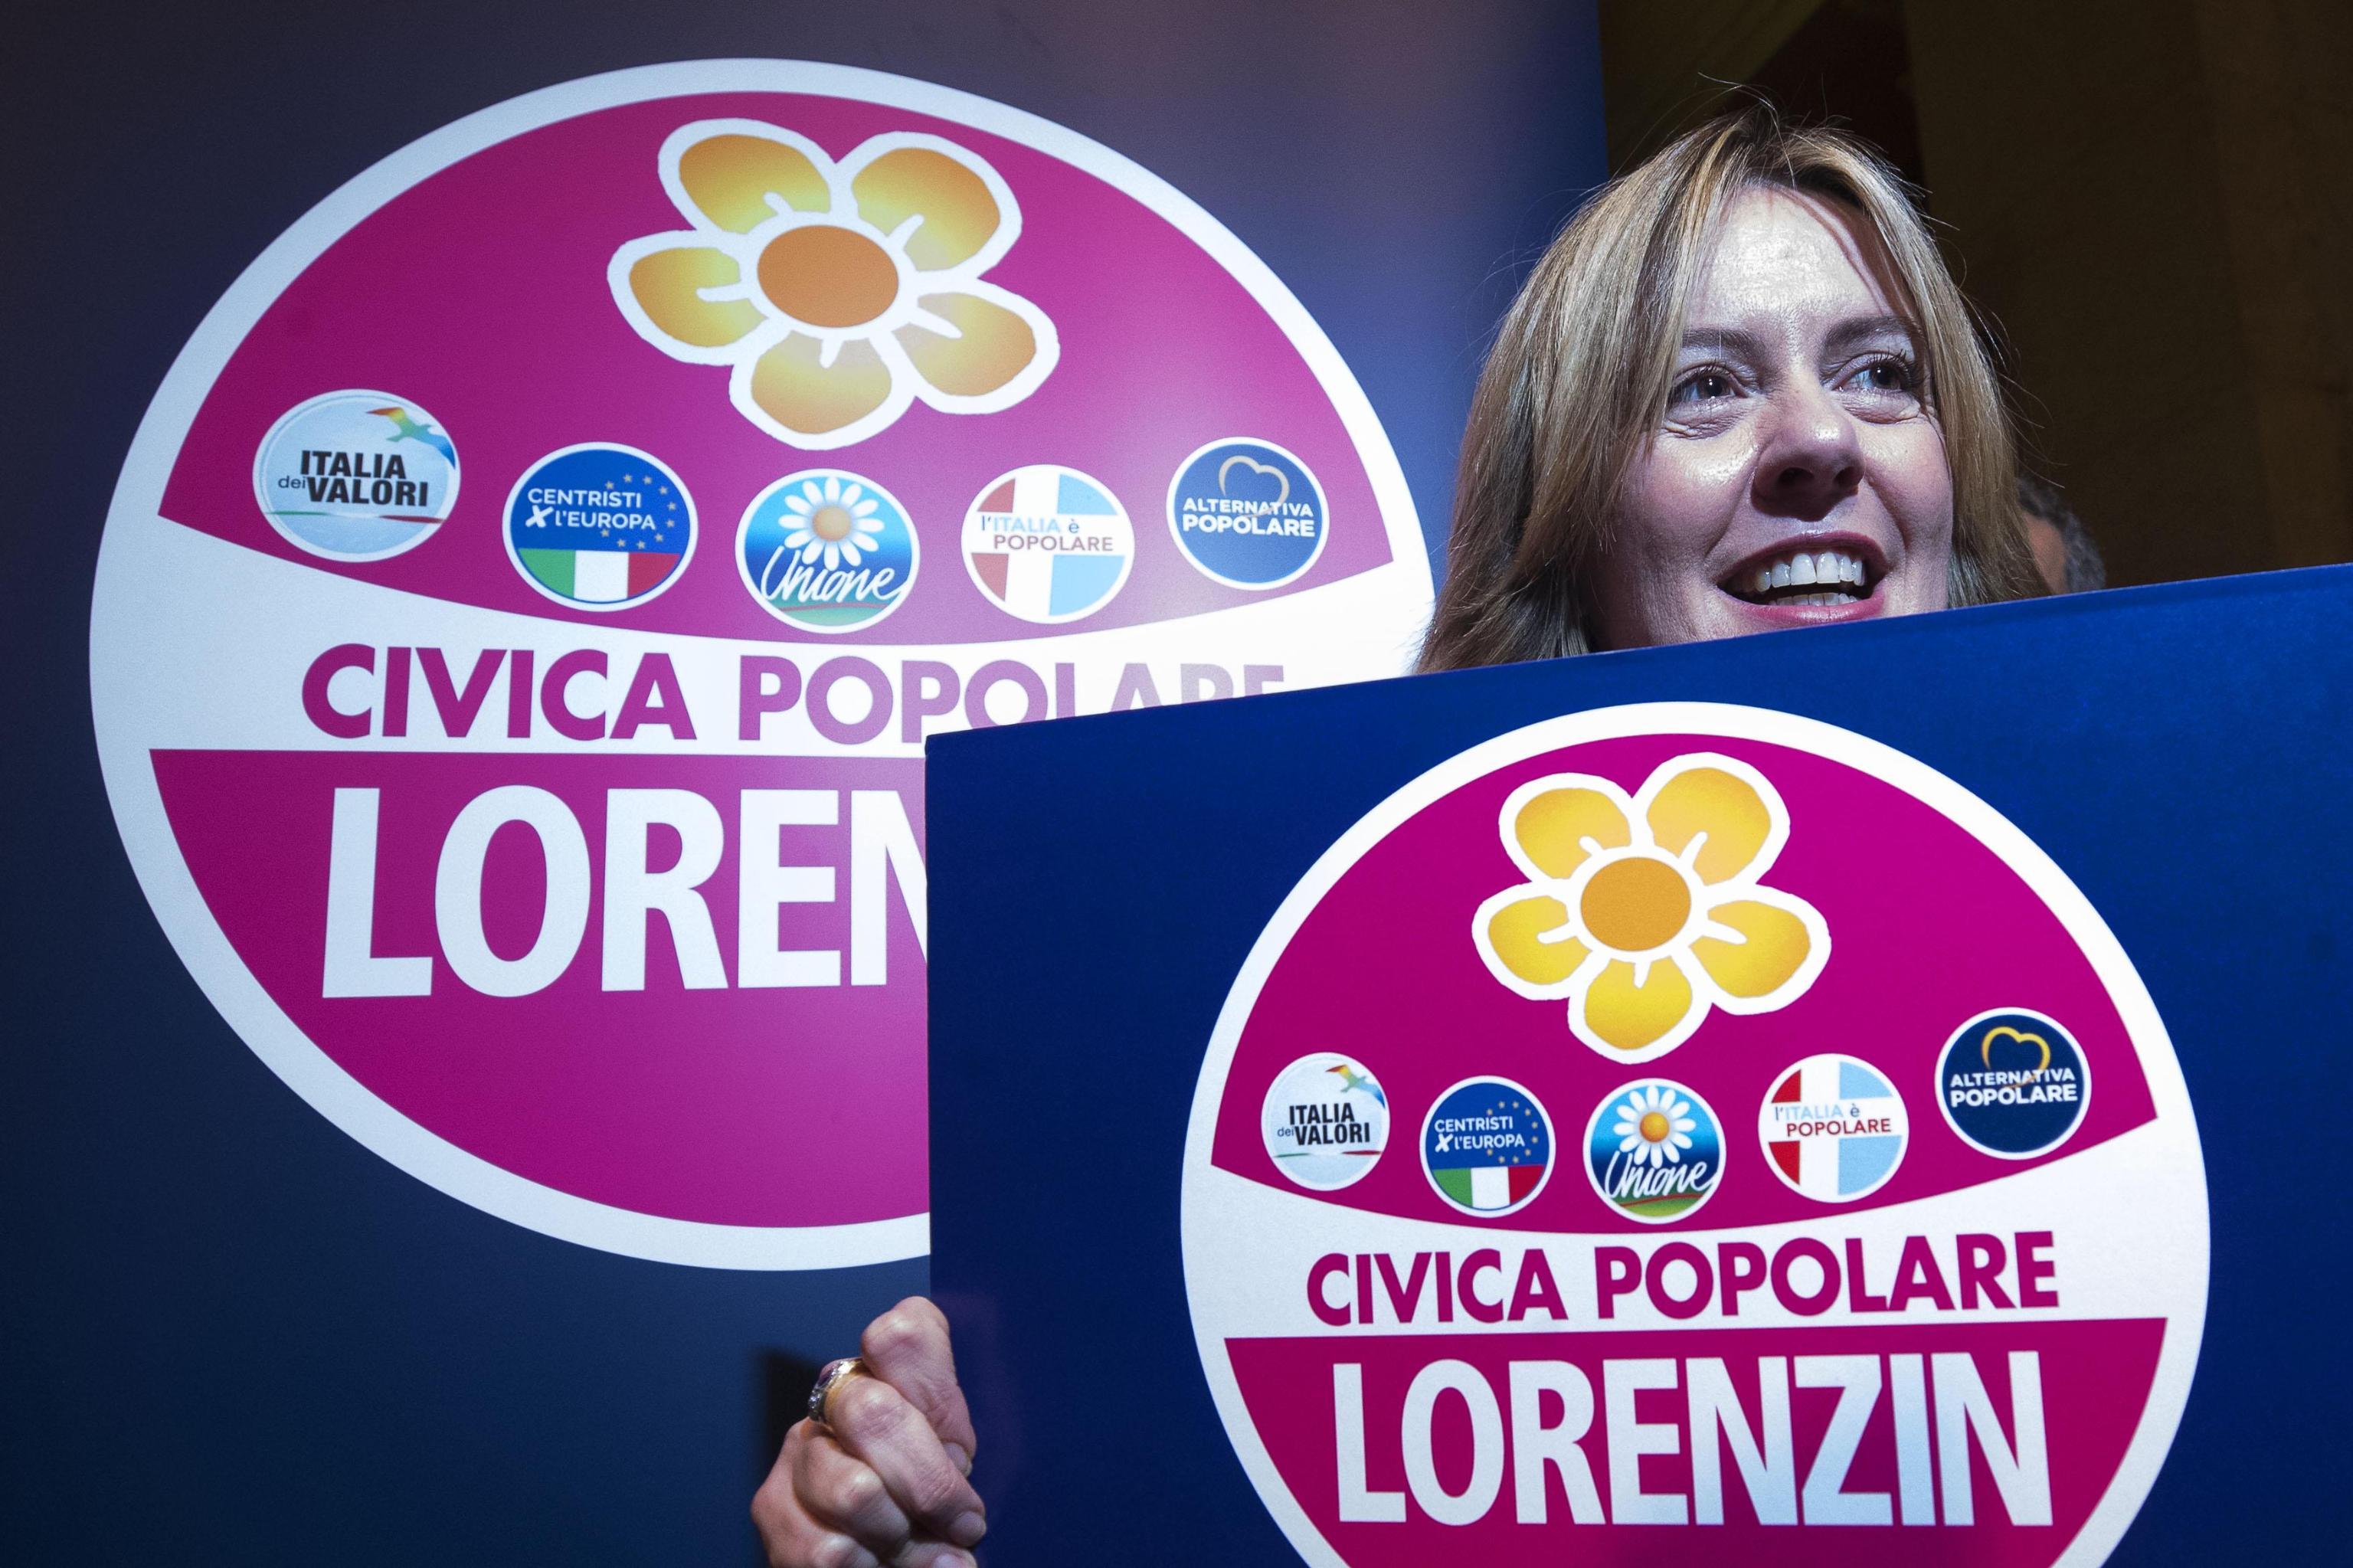 Civica popolare: Lorenzin, simbolo è peonia gialla